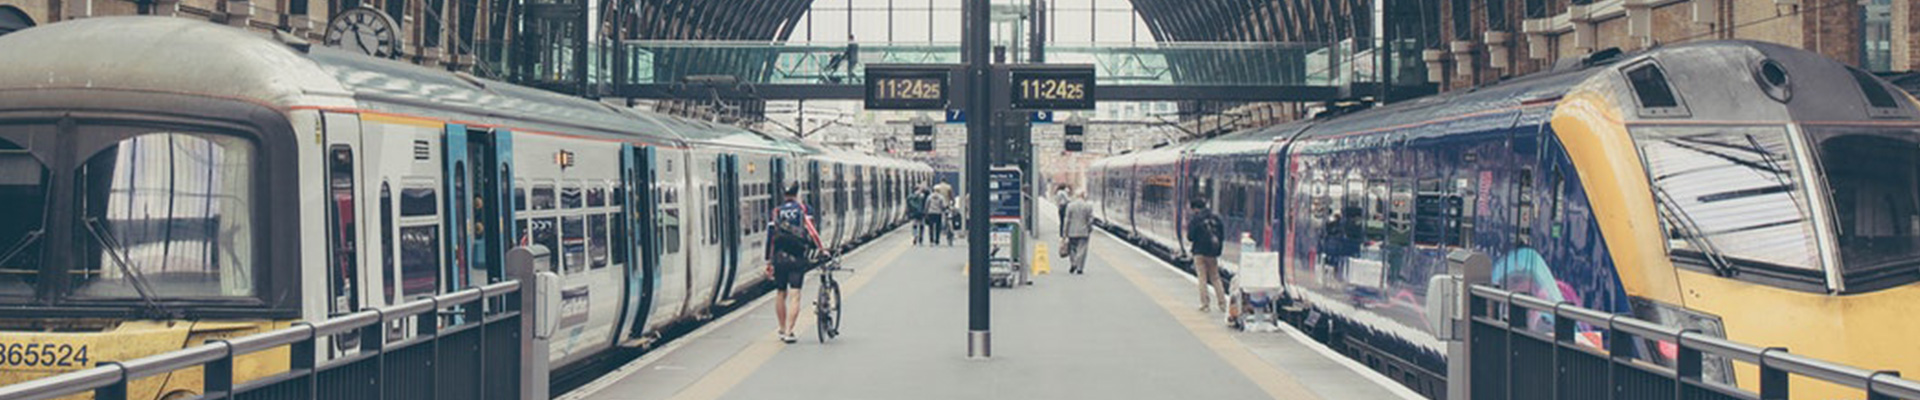 Train Travel - Projects Field Scope International